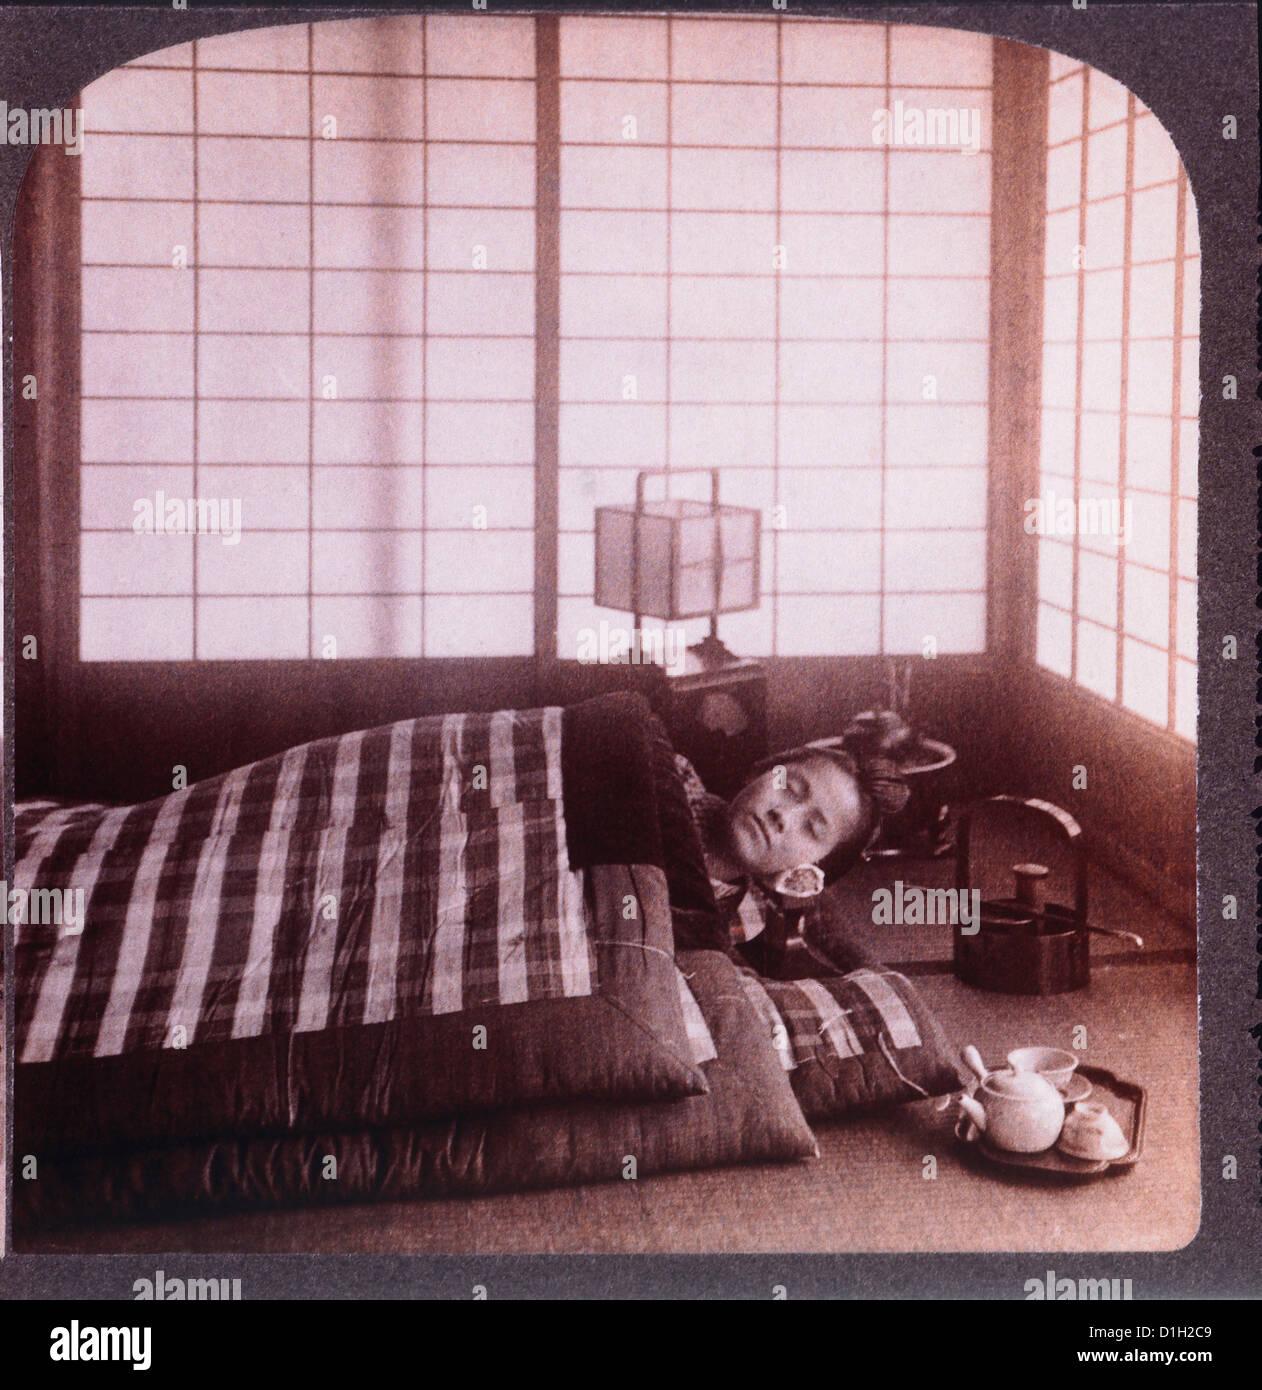 Junge Japanerin schlafen zwischen Futons, Stereo-Fotografie, 1904 Stockfoto